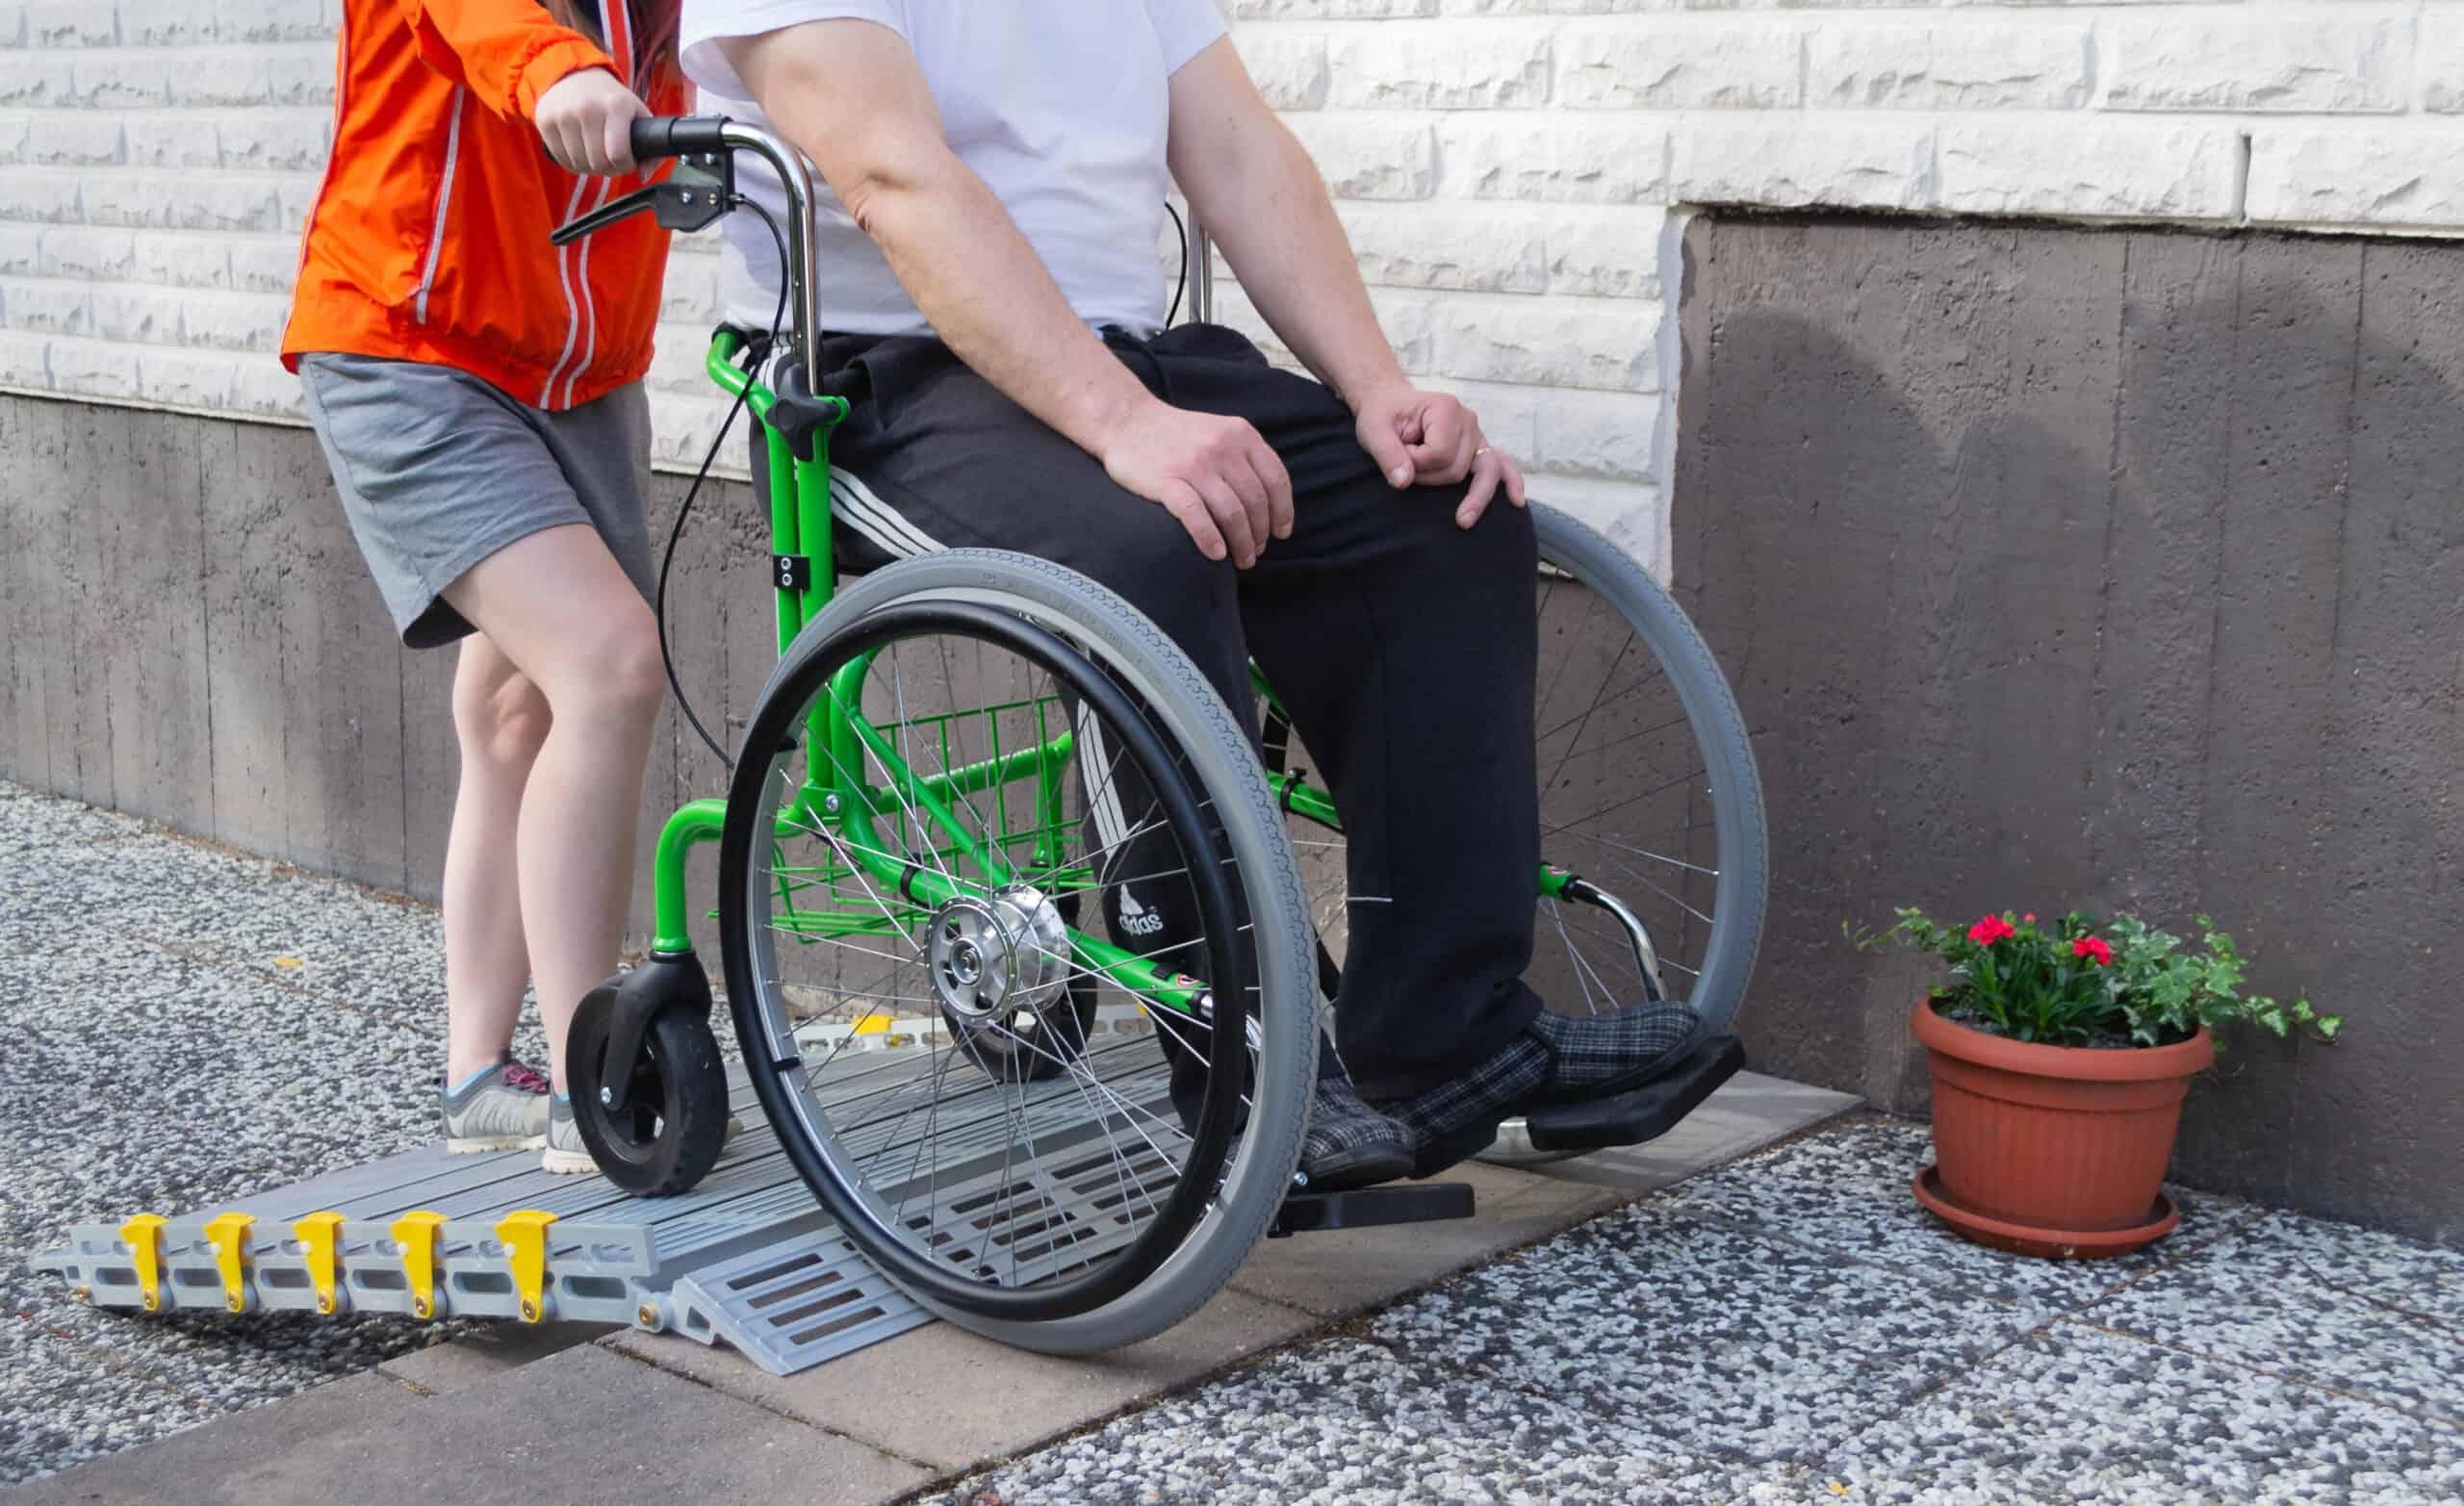 Omatoimiseen liikkumiseen joko itse kelaten tai työnnettävänä, Wheellator monitoimirollaattori.